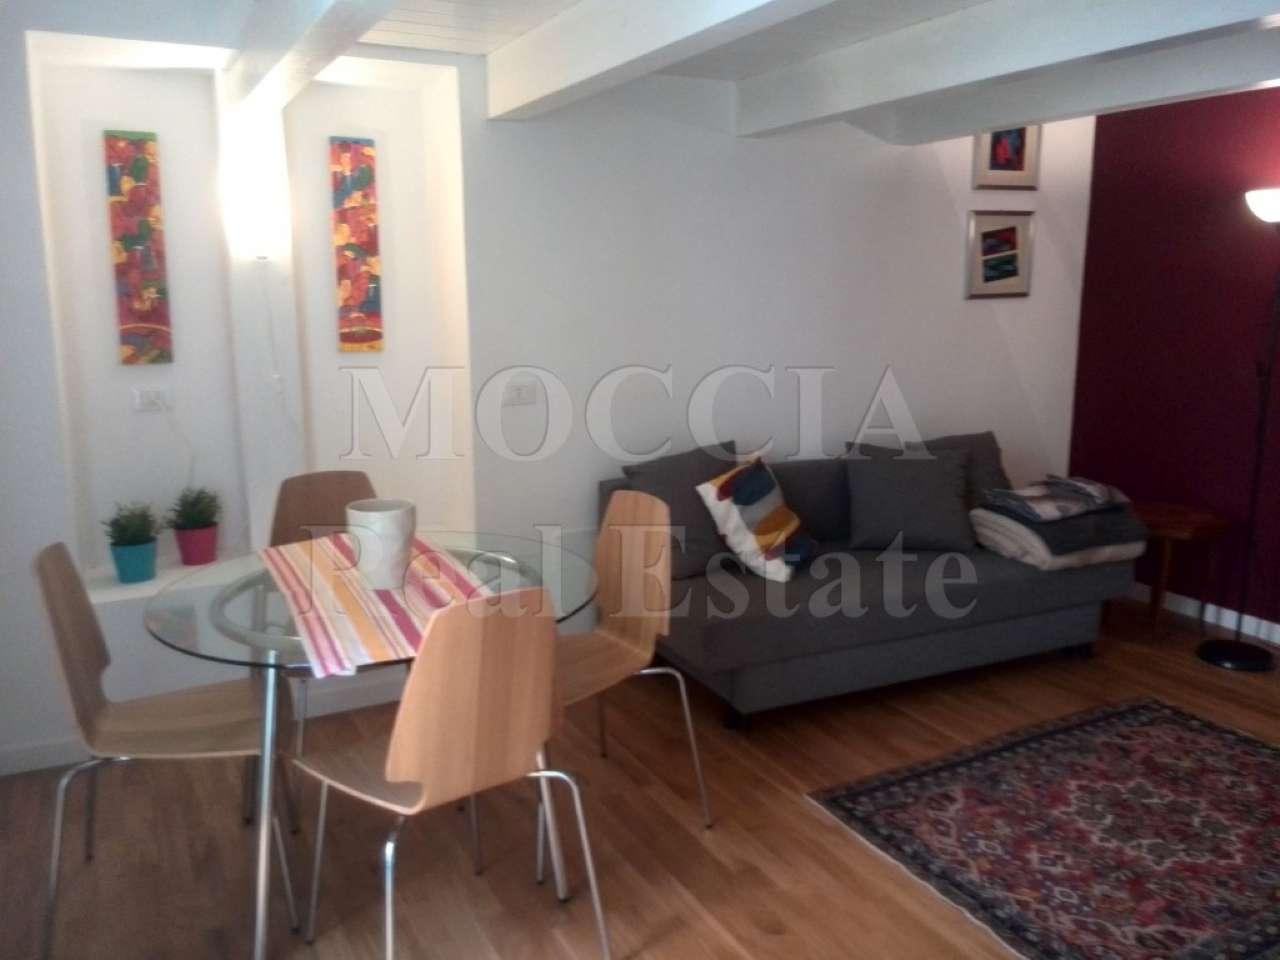 Appartamento in affitto a Caserta, 2 locali, prezzo € 500   Cambio Casa.it